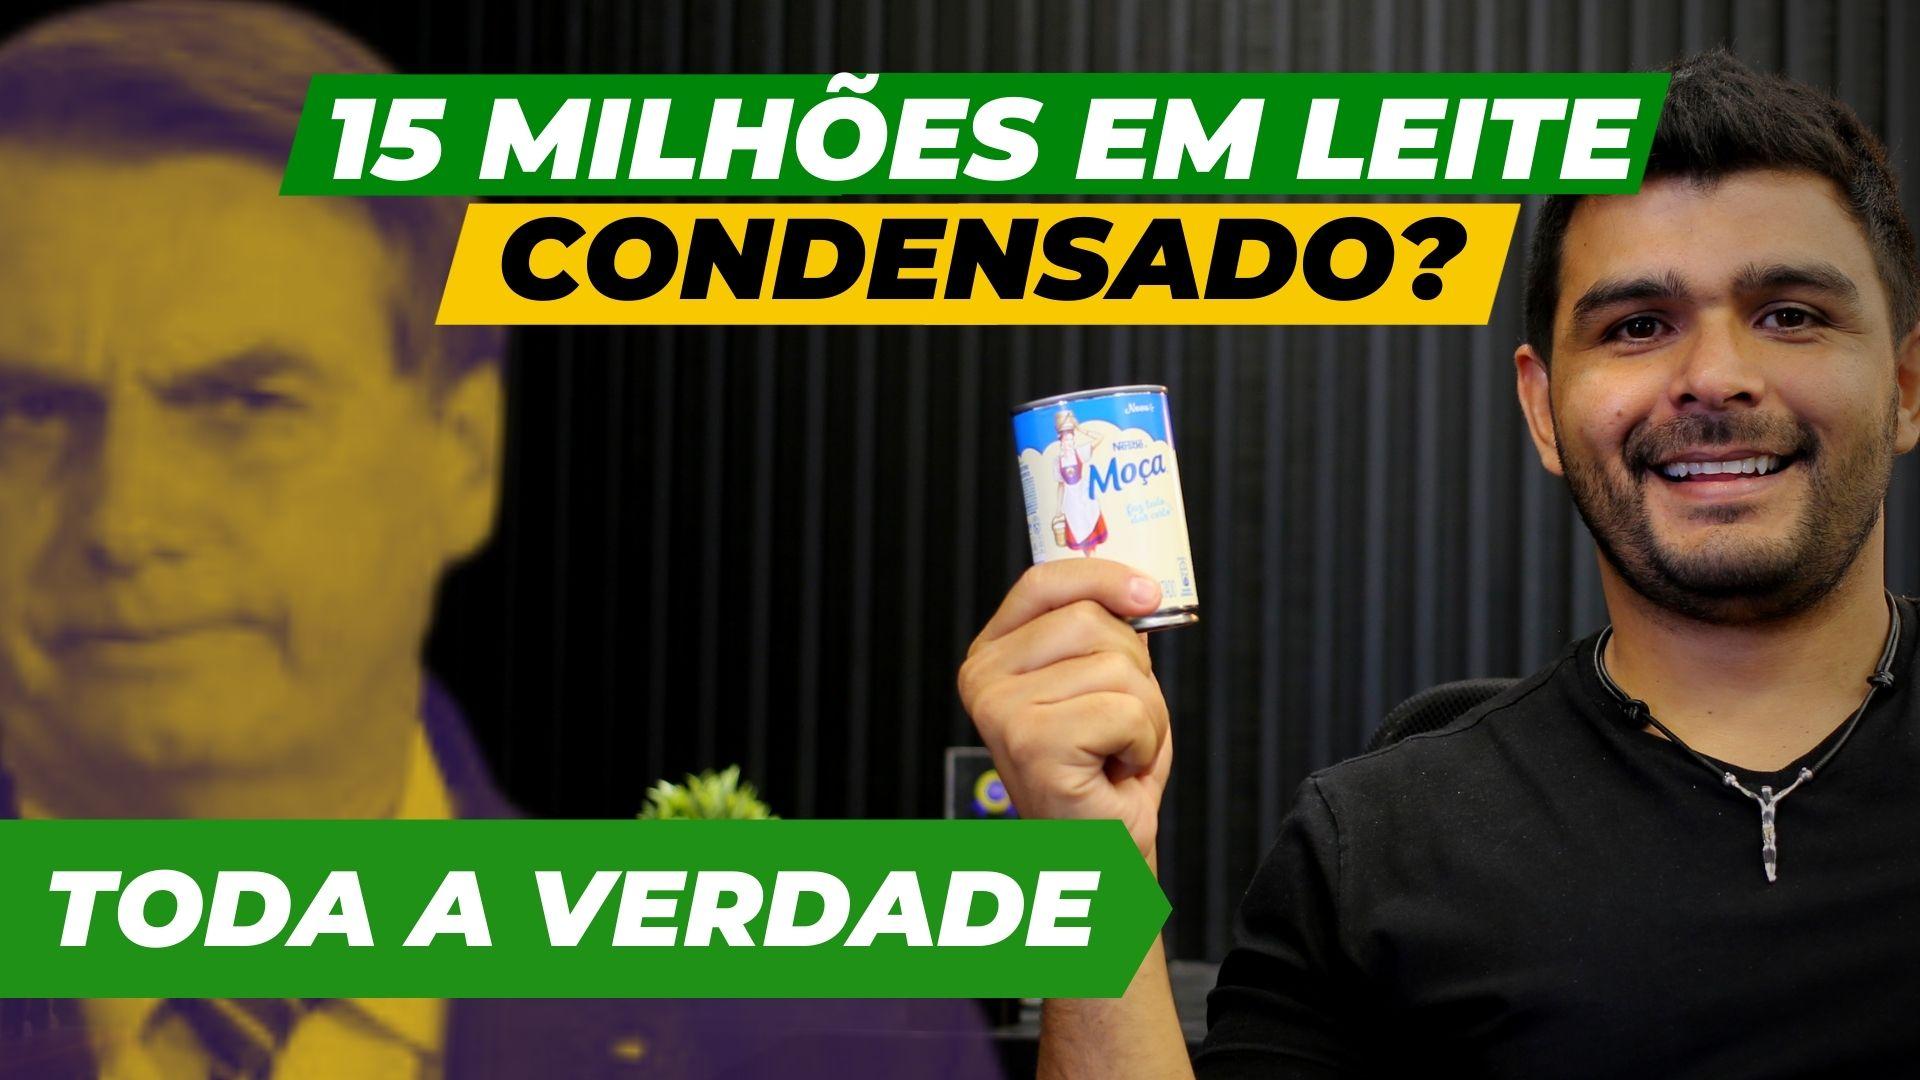 R$15 milhões em leite condensado: conheça a verdade